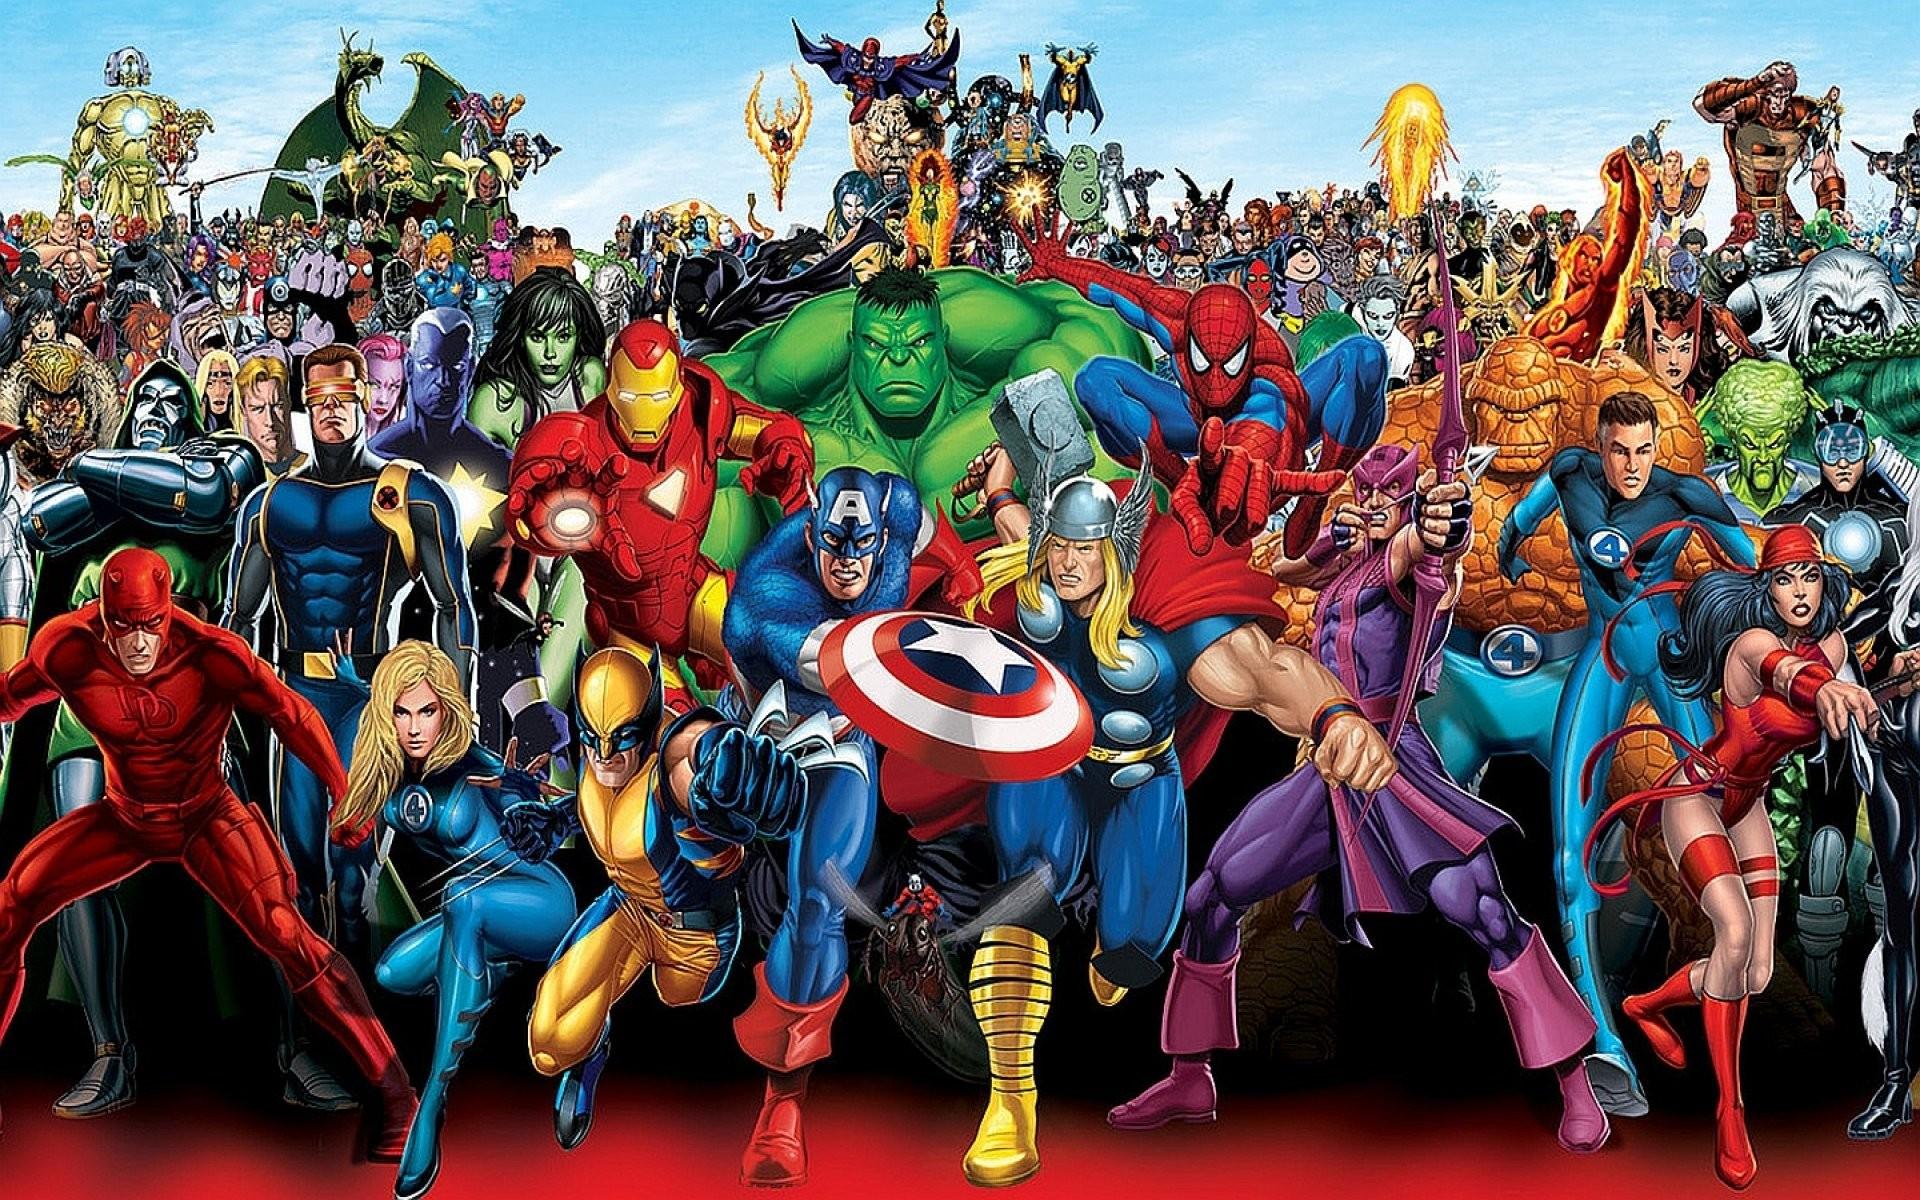 Fond De Super Heros Merveille Fond D Ecran De Super Heros 1920x1200 Wallpapertip